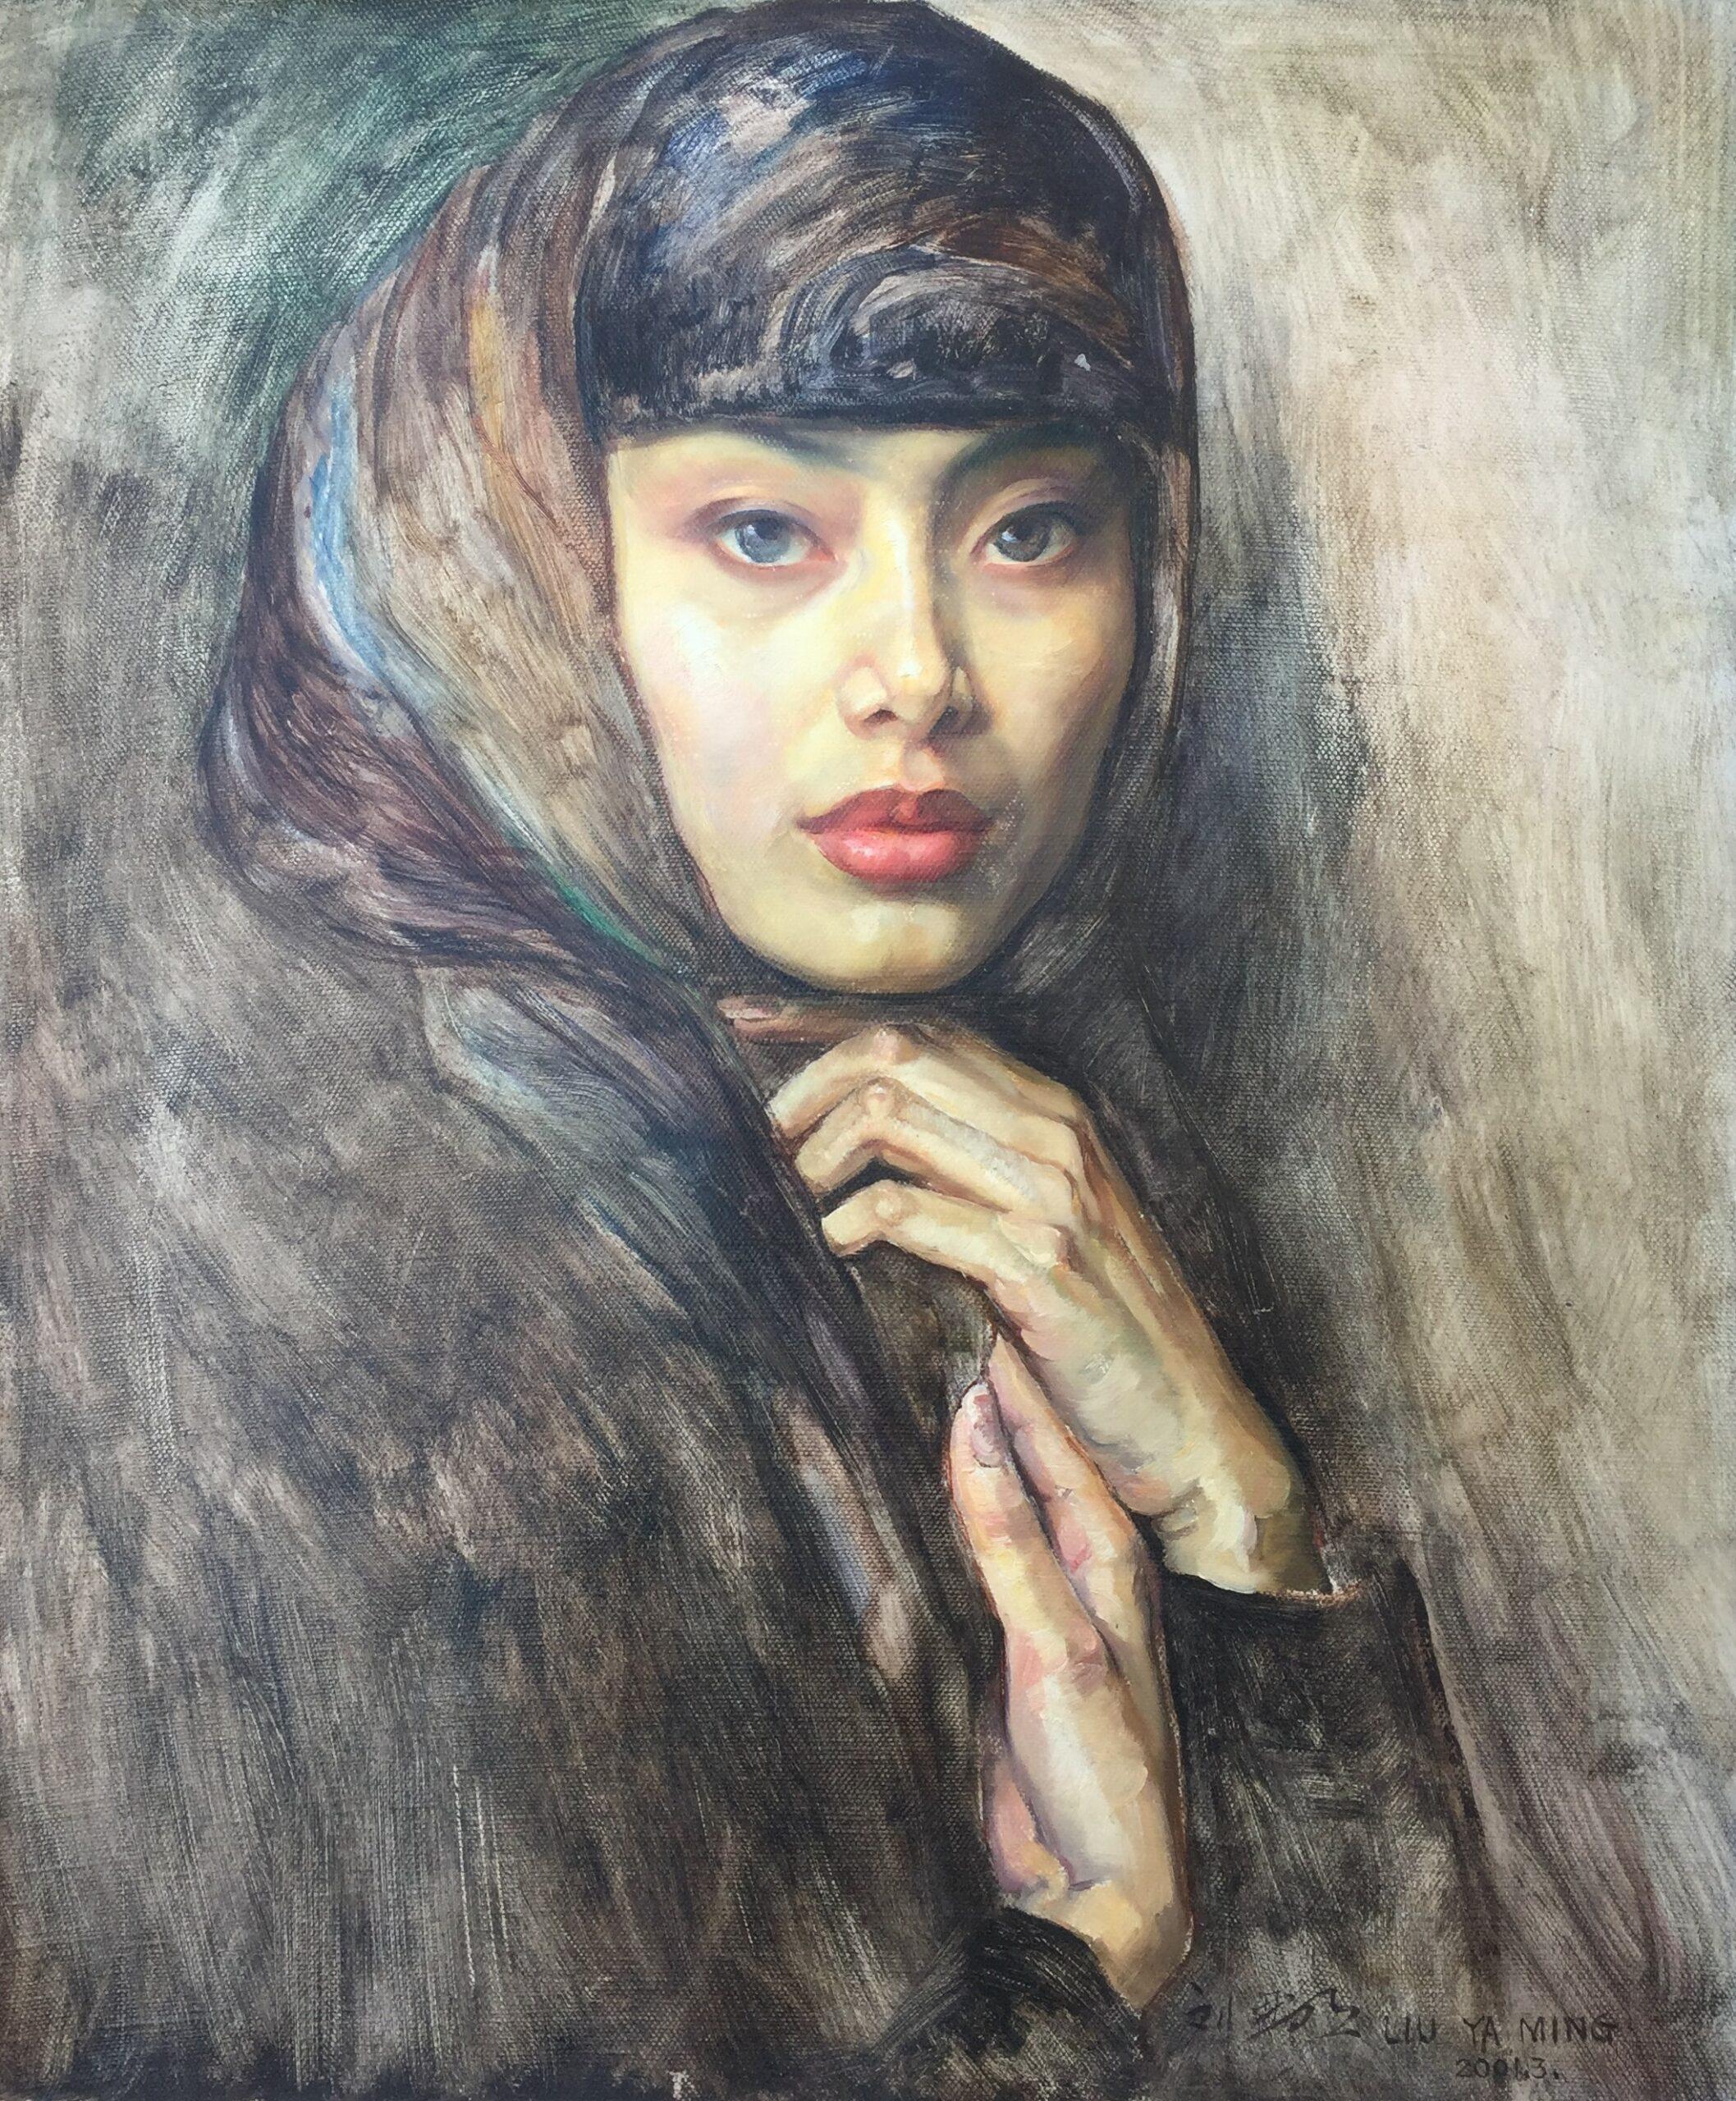 Ya Ming Liu